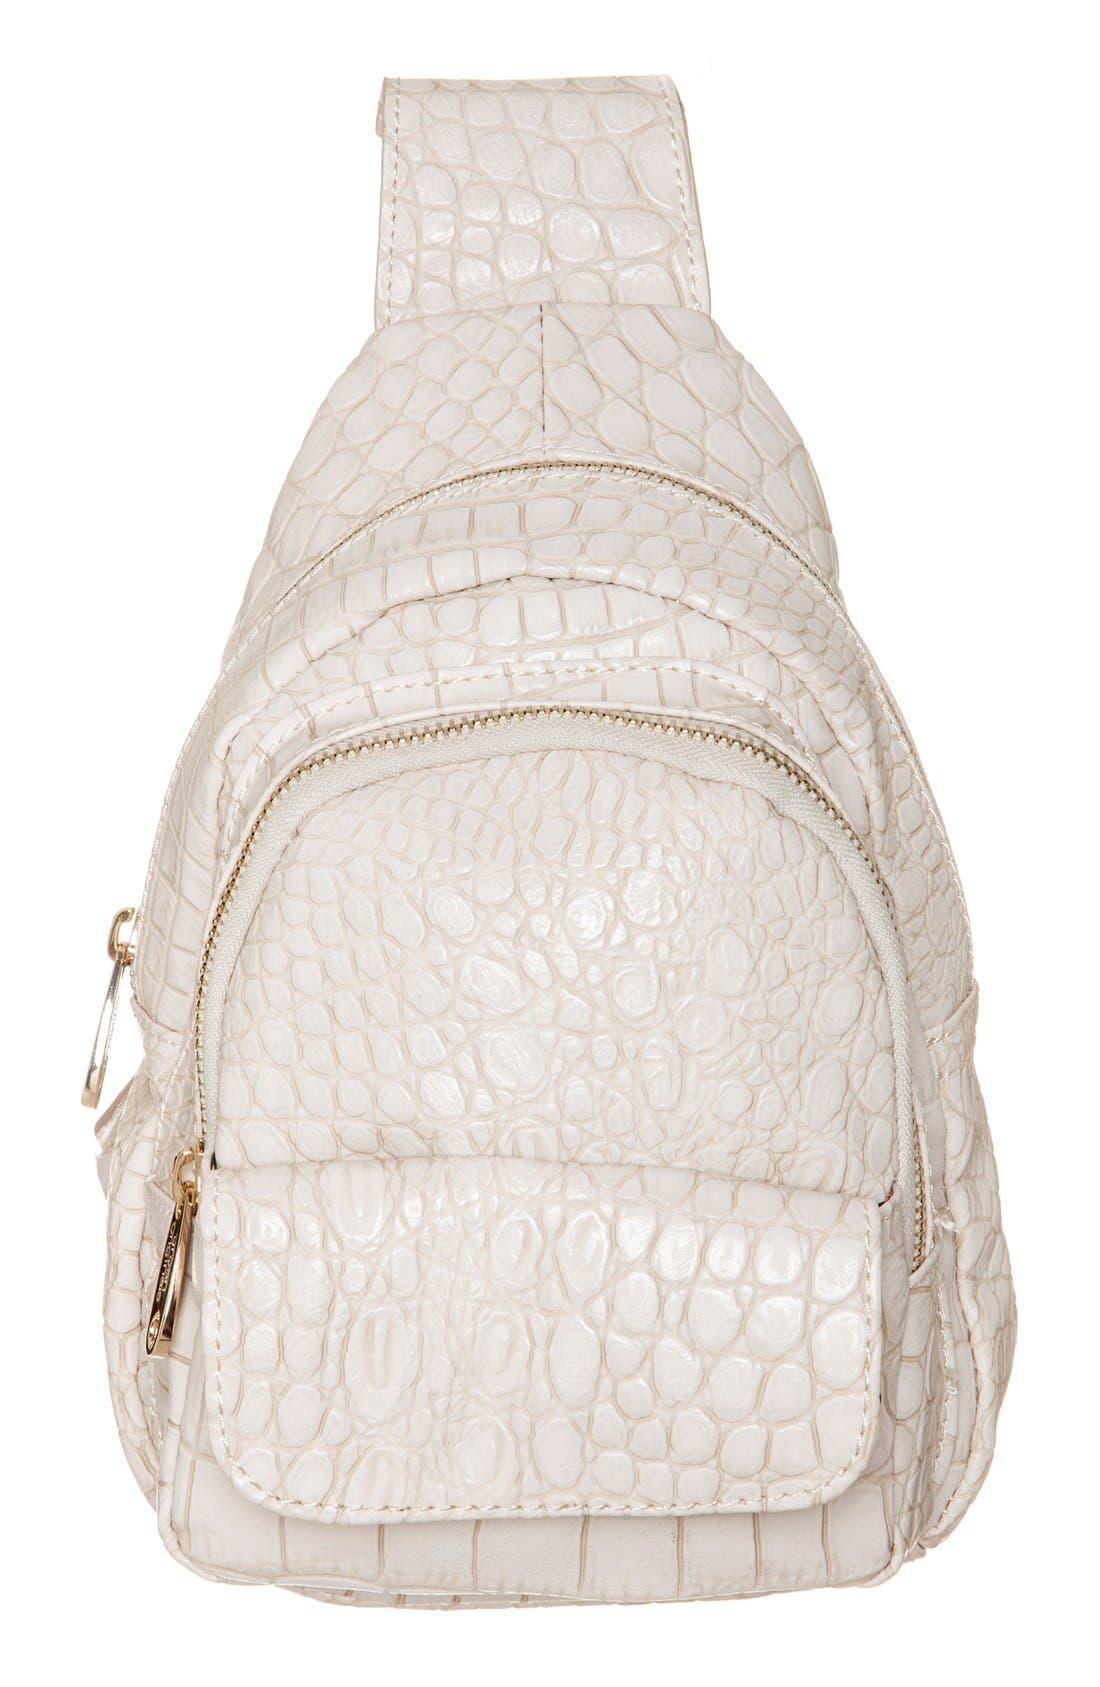 Alternate Image 1 Selected - Urban Originals 'Runway - Small' Backpack